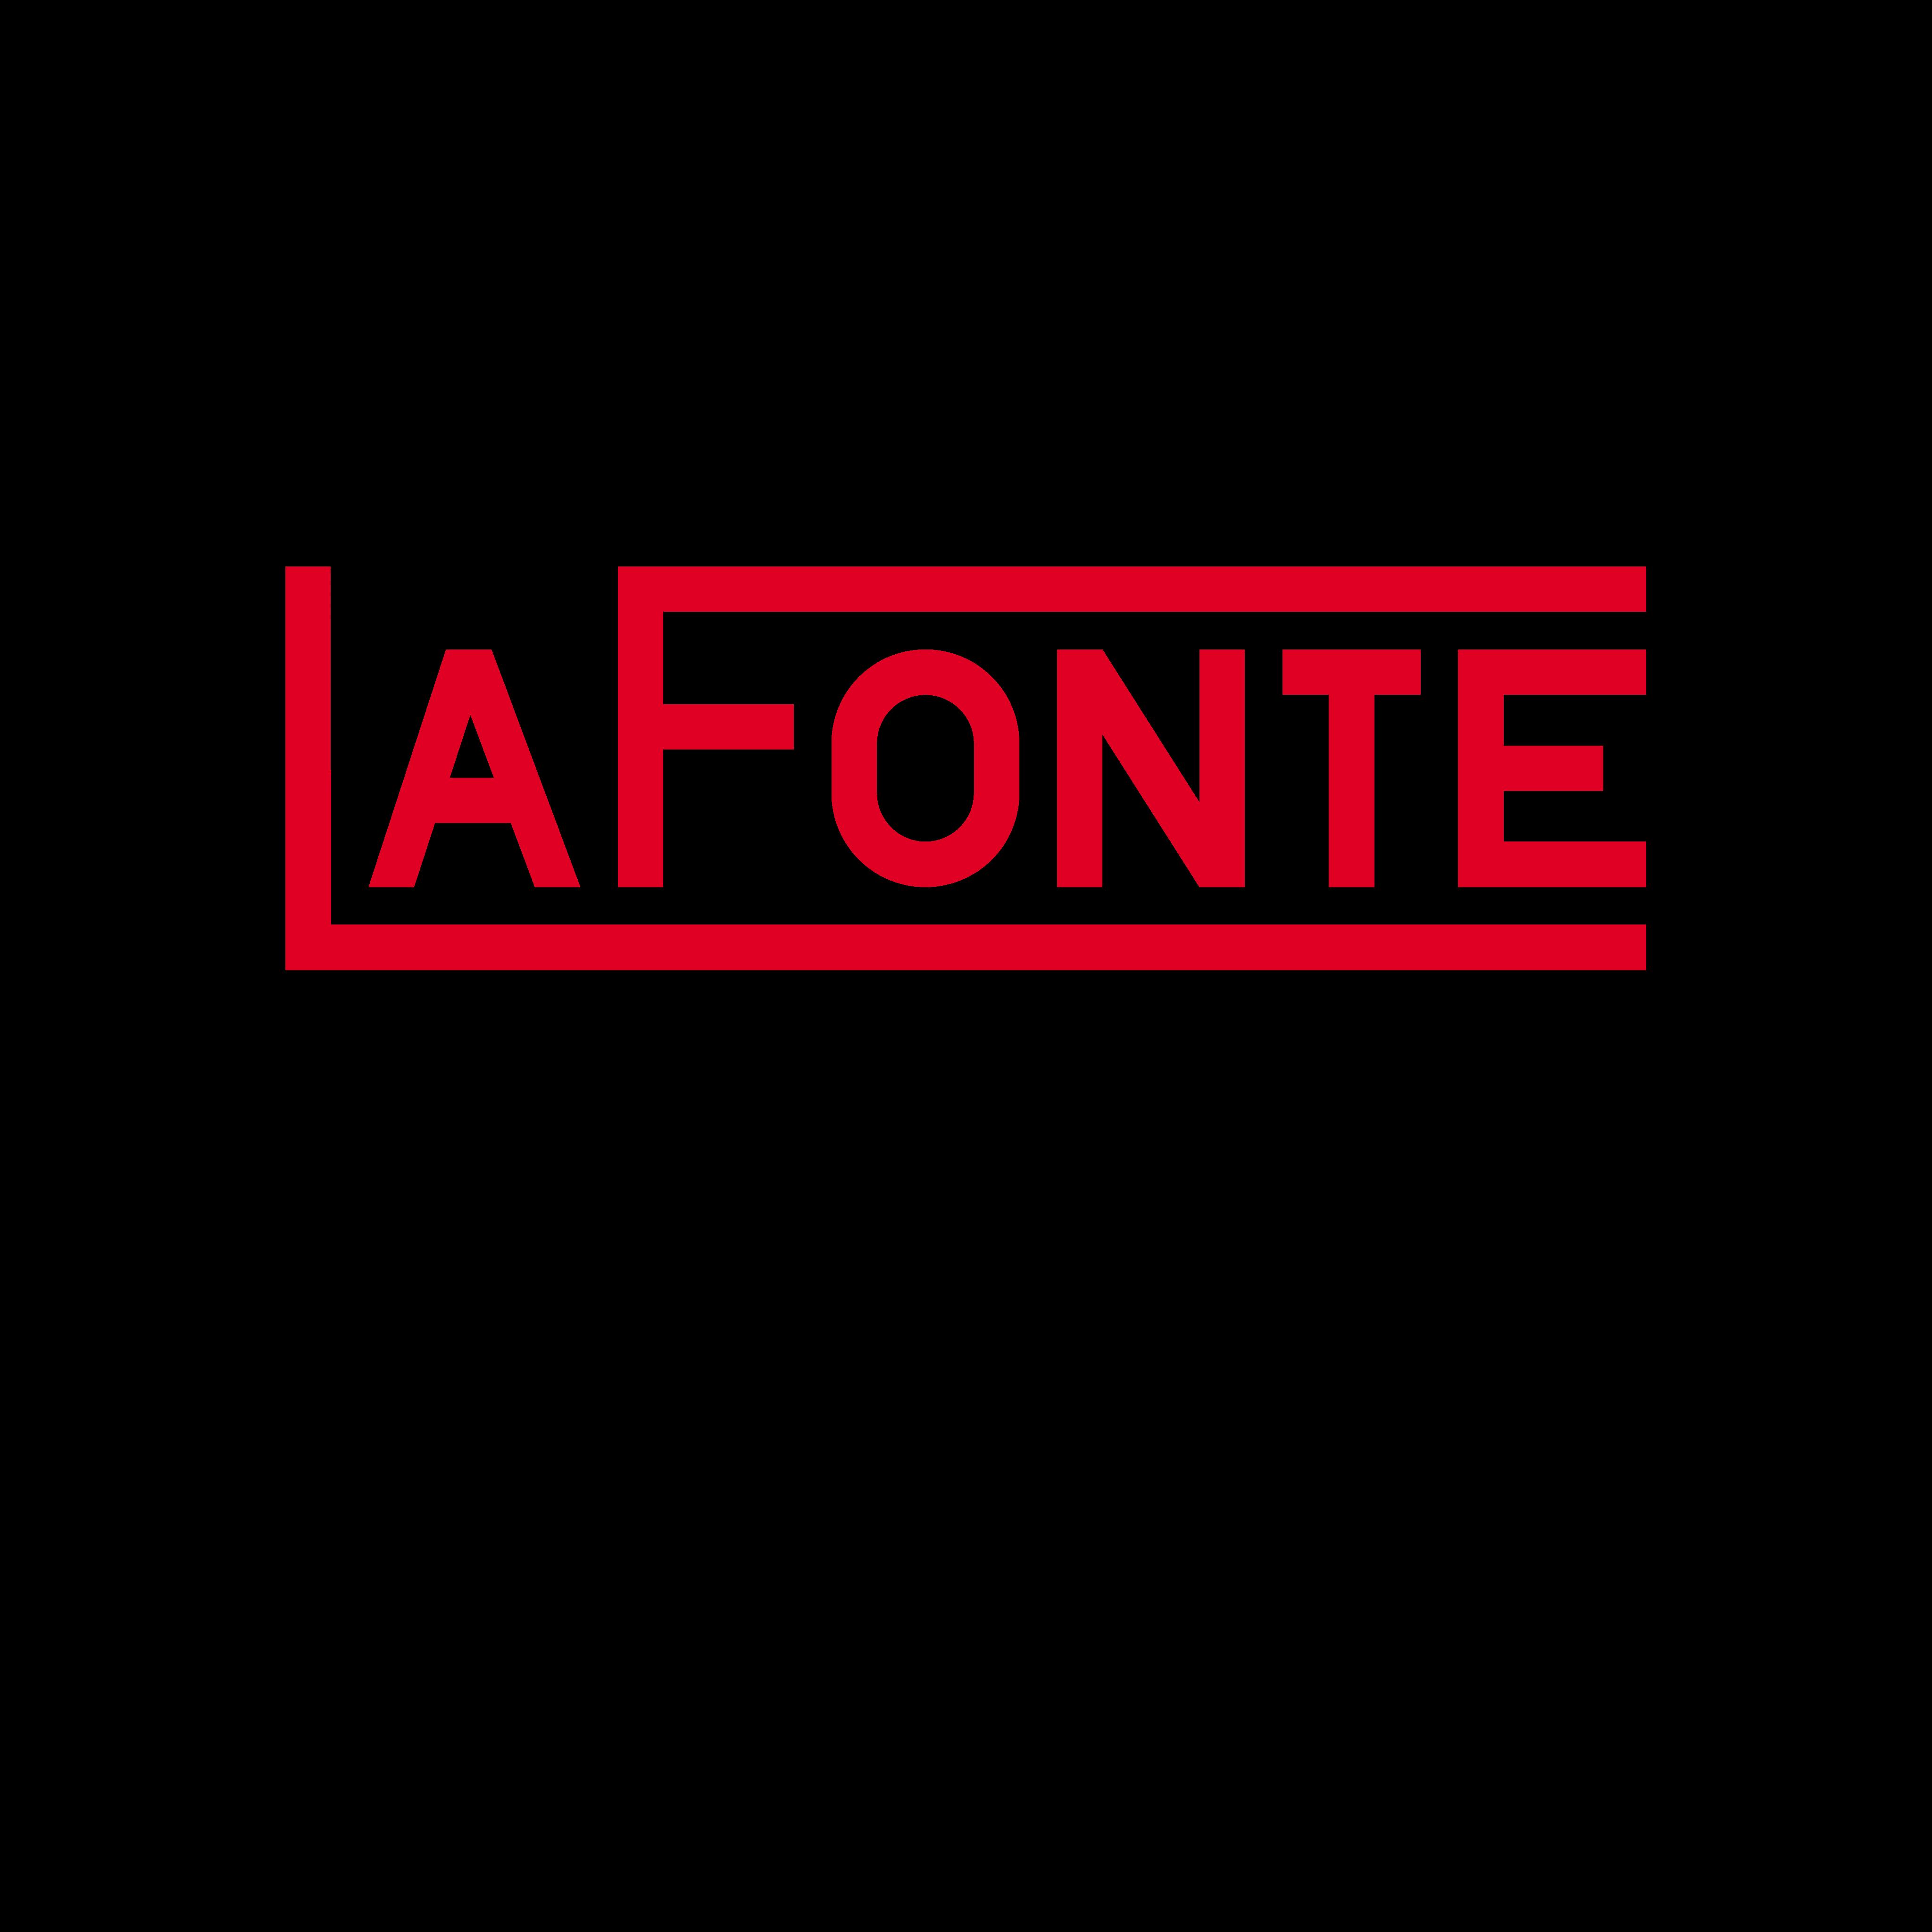 la fonte logo 0 - La Fonte Logo